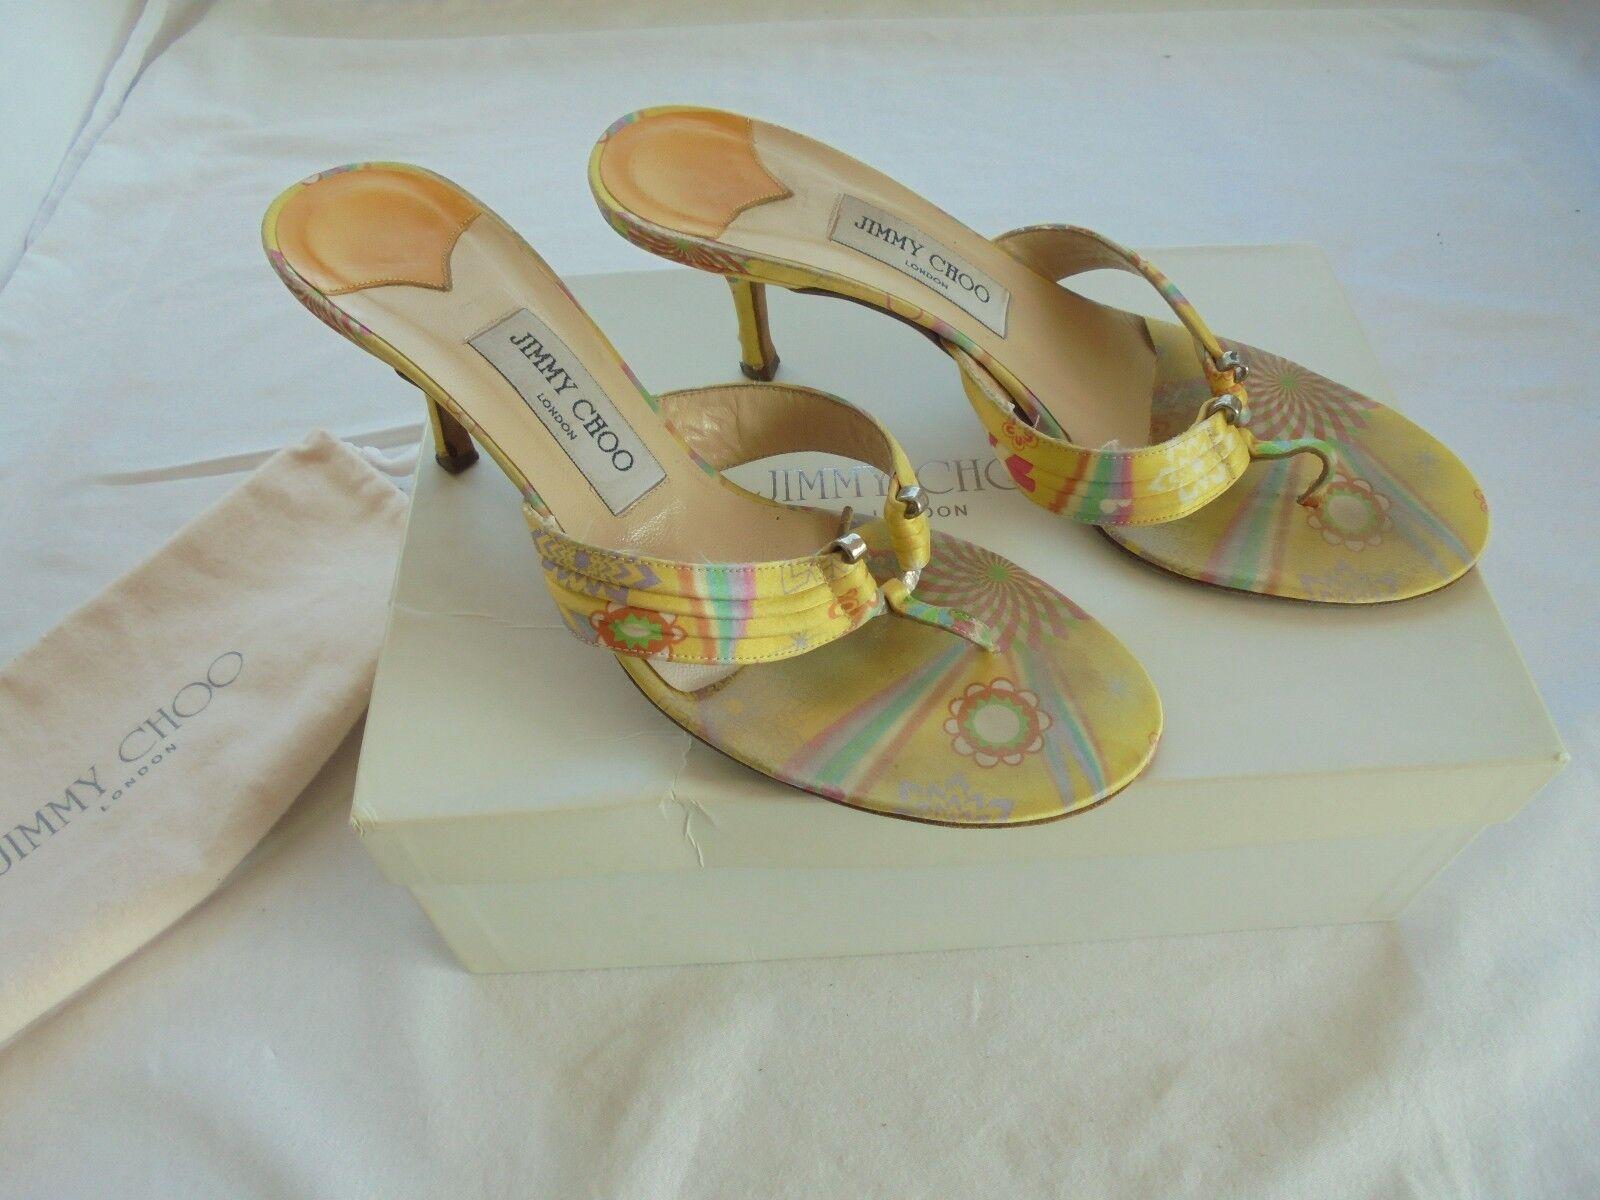 Jimmy Choo Gr. Sandaletten  TOP Schuhe Pumps High Heels Gr. Choo 40 40,5 41 52b09e